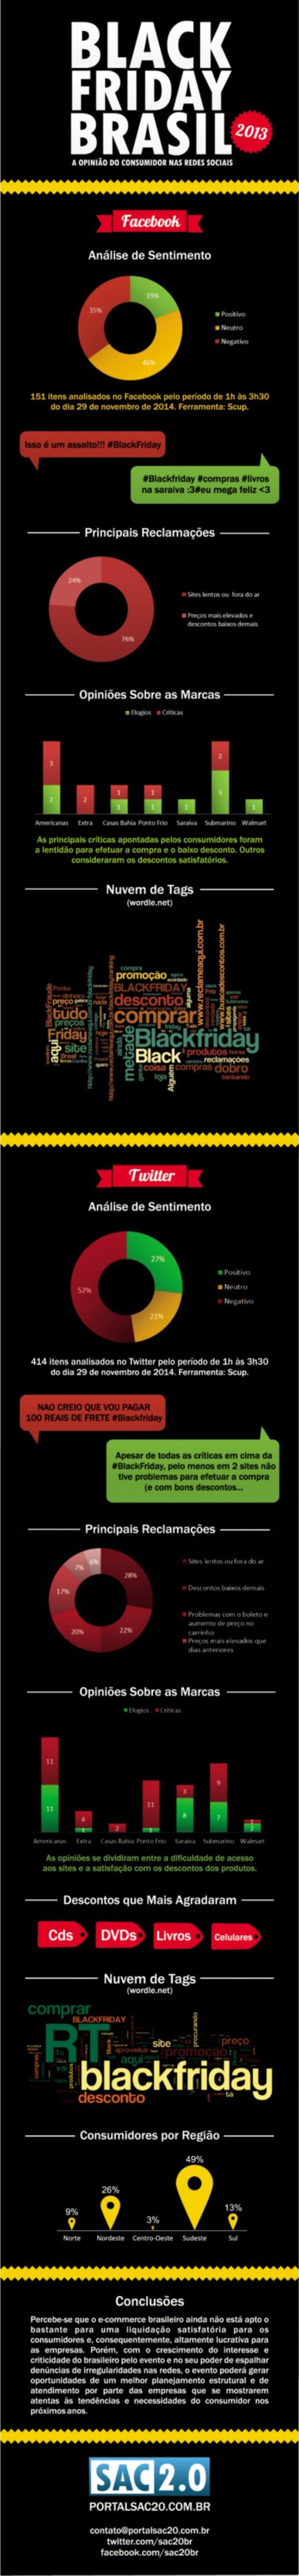 Black Friday Brasil 2013 - Infográfico da opinião do consumidor